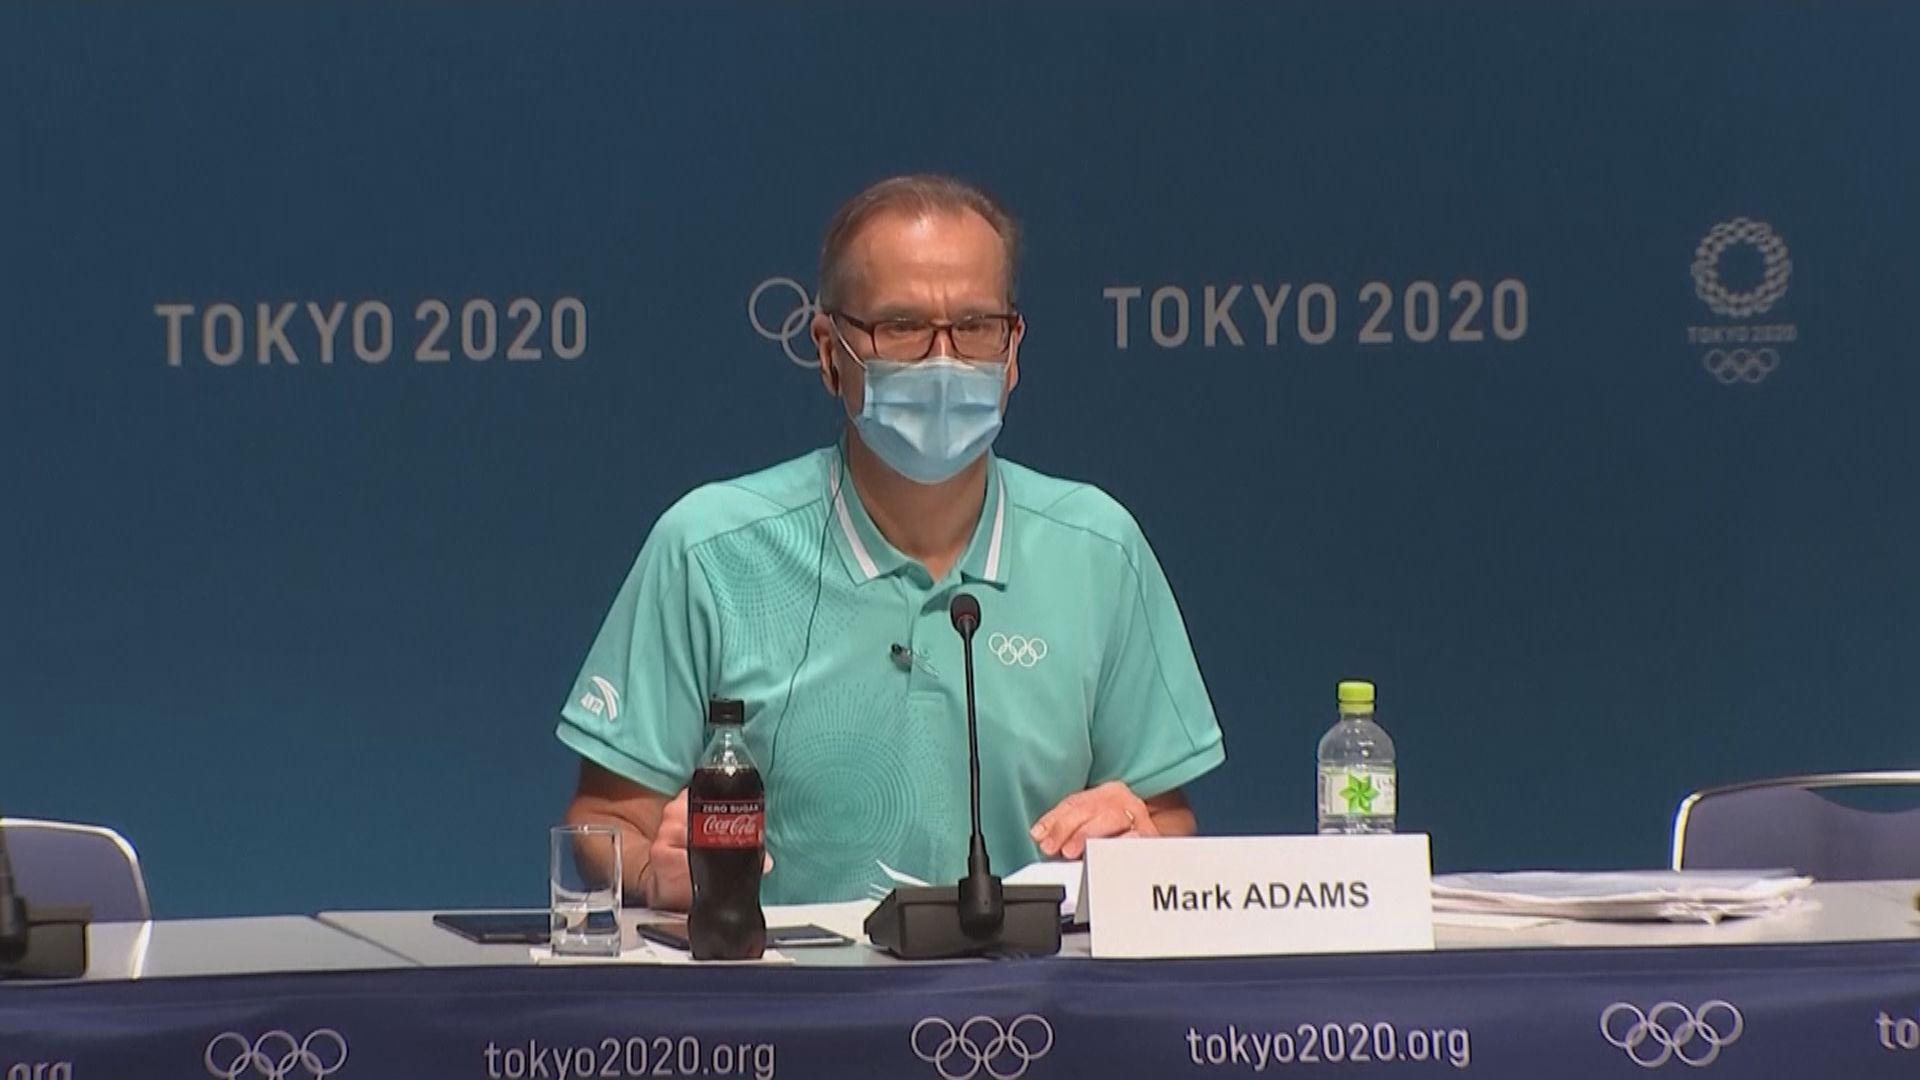 國際奧委會目前沒討論港協暨奧委會地位問題